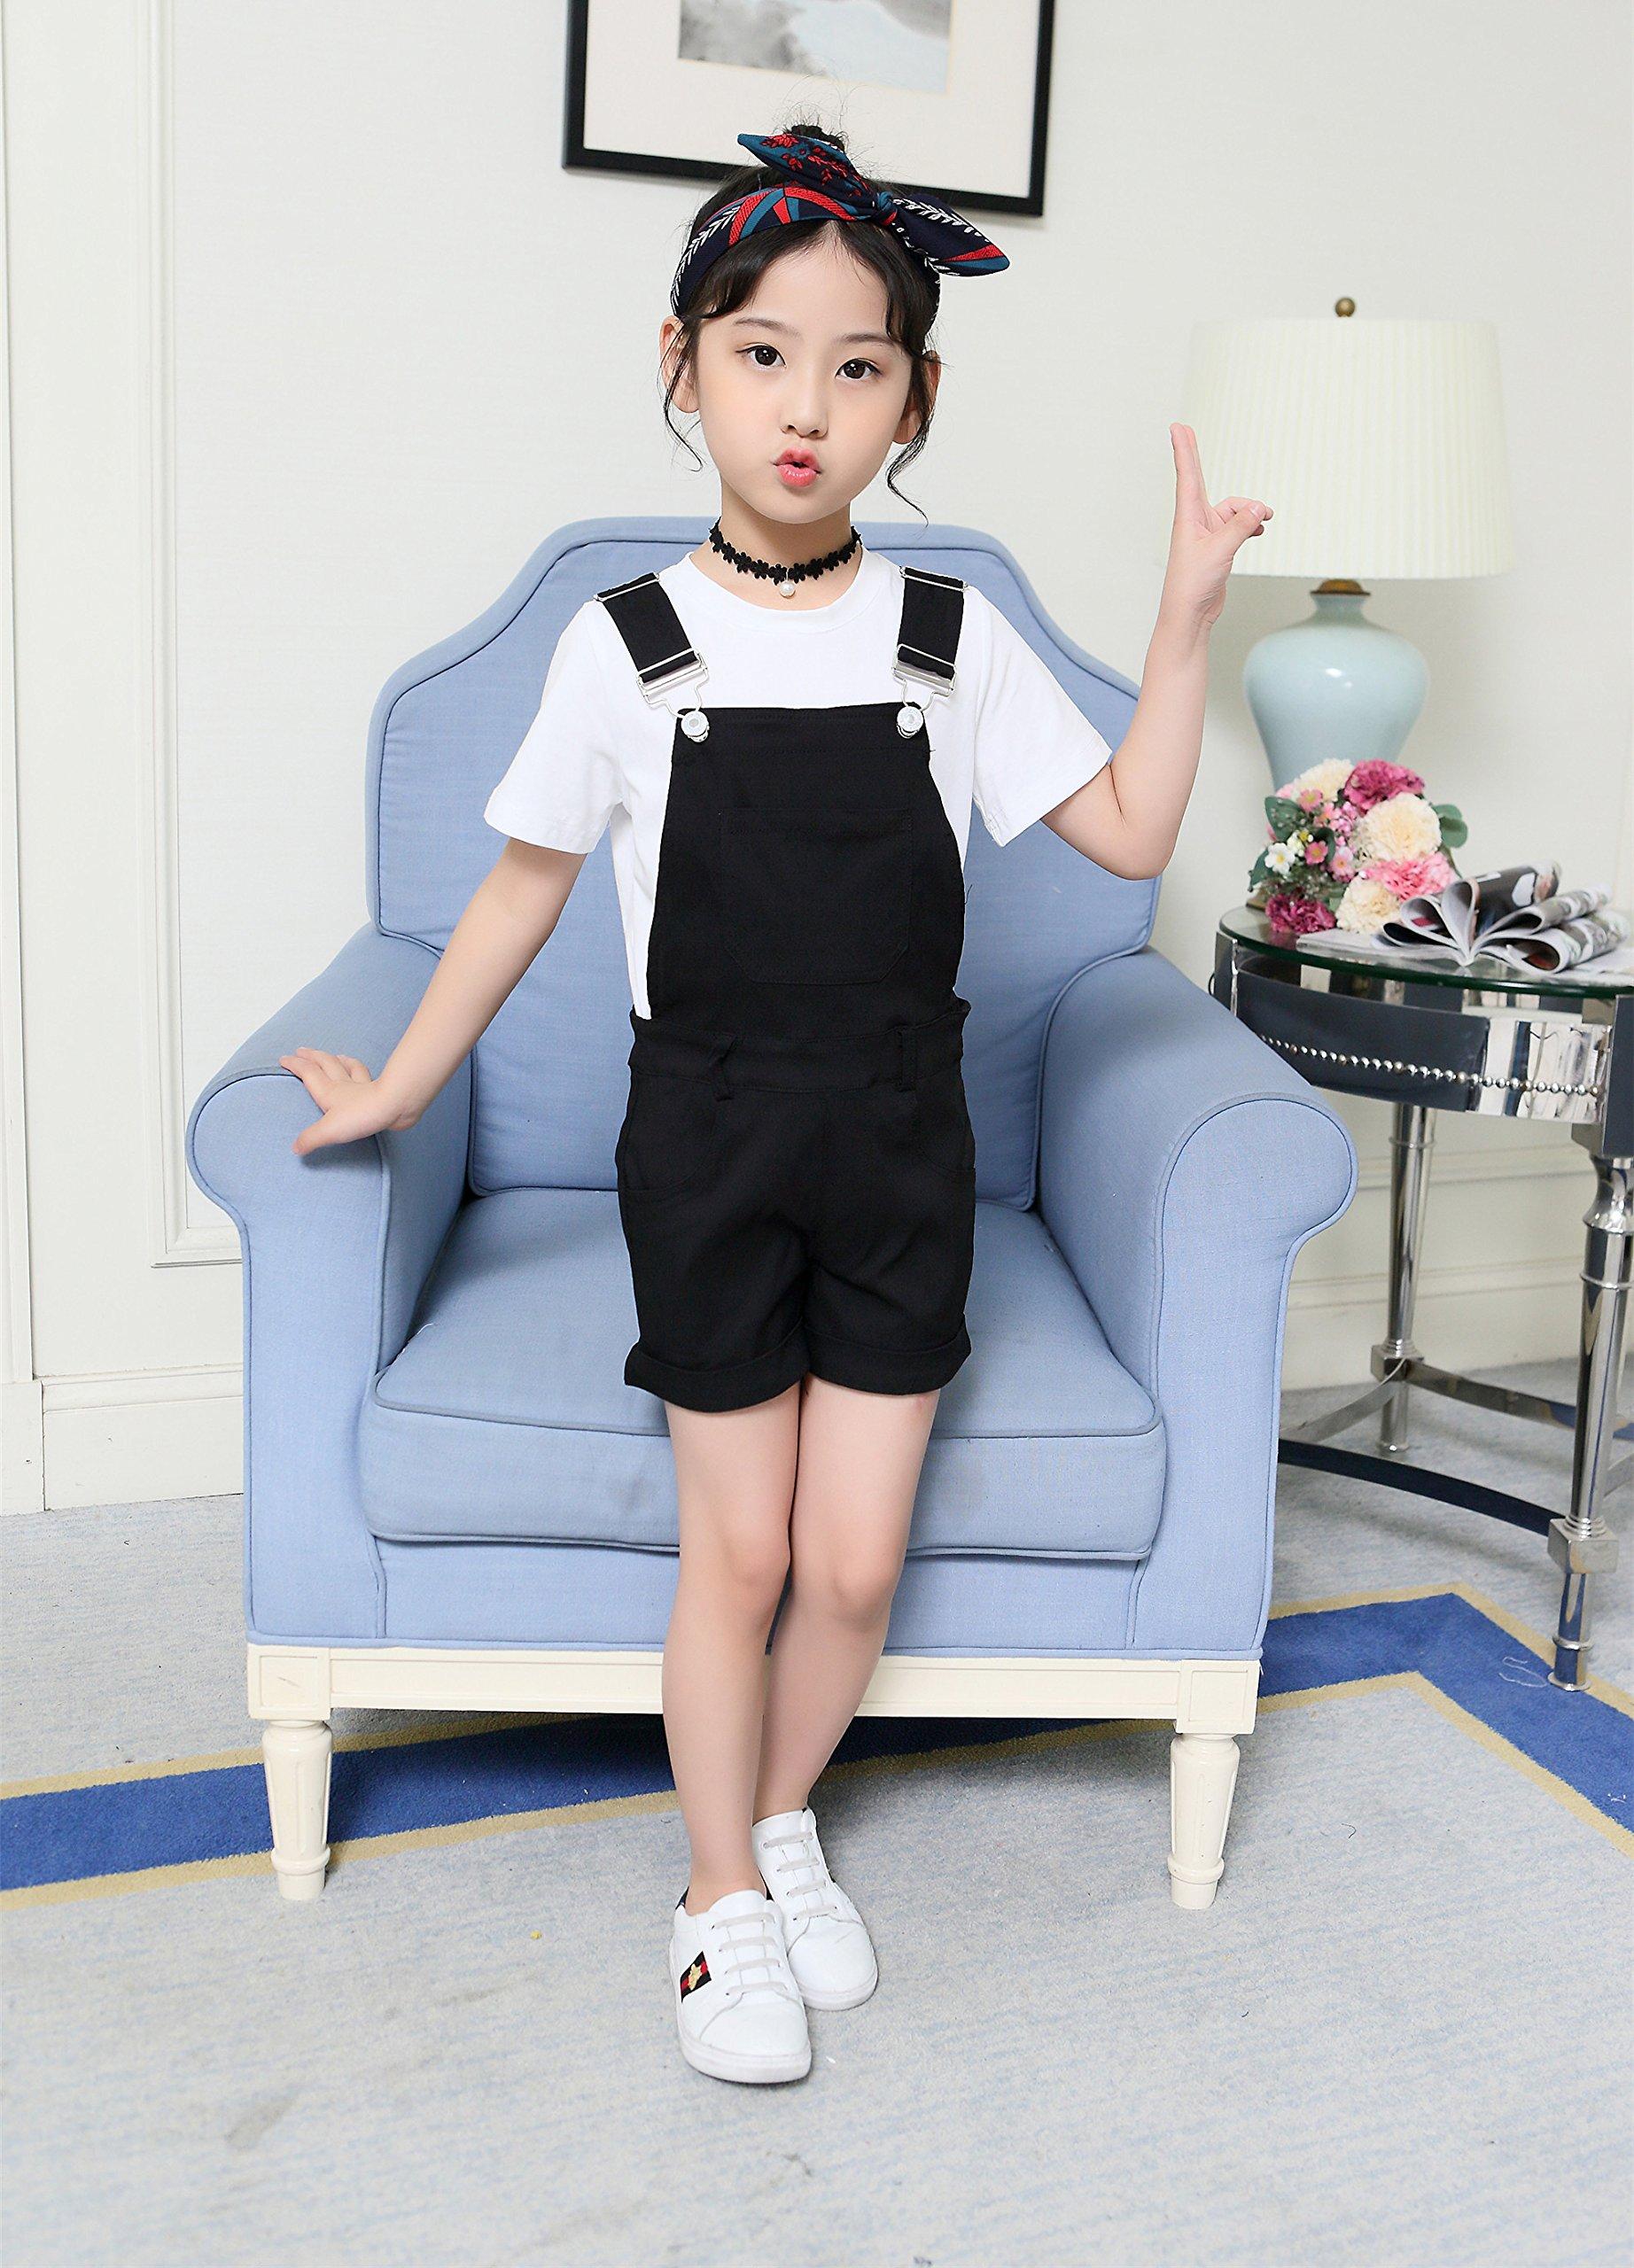 Sitmptol Big Girls Kids Cotton Overalls Jumpsuits Casual Shortalls Bib Romper Black 160 by Sitmptol (Image #2)